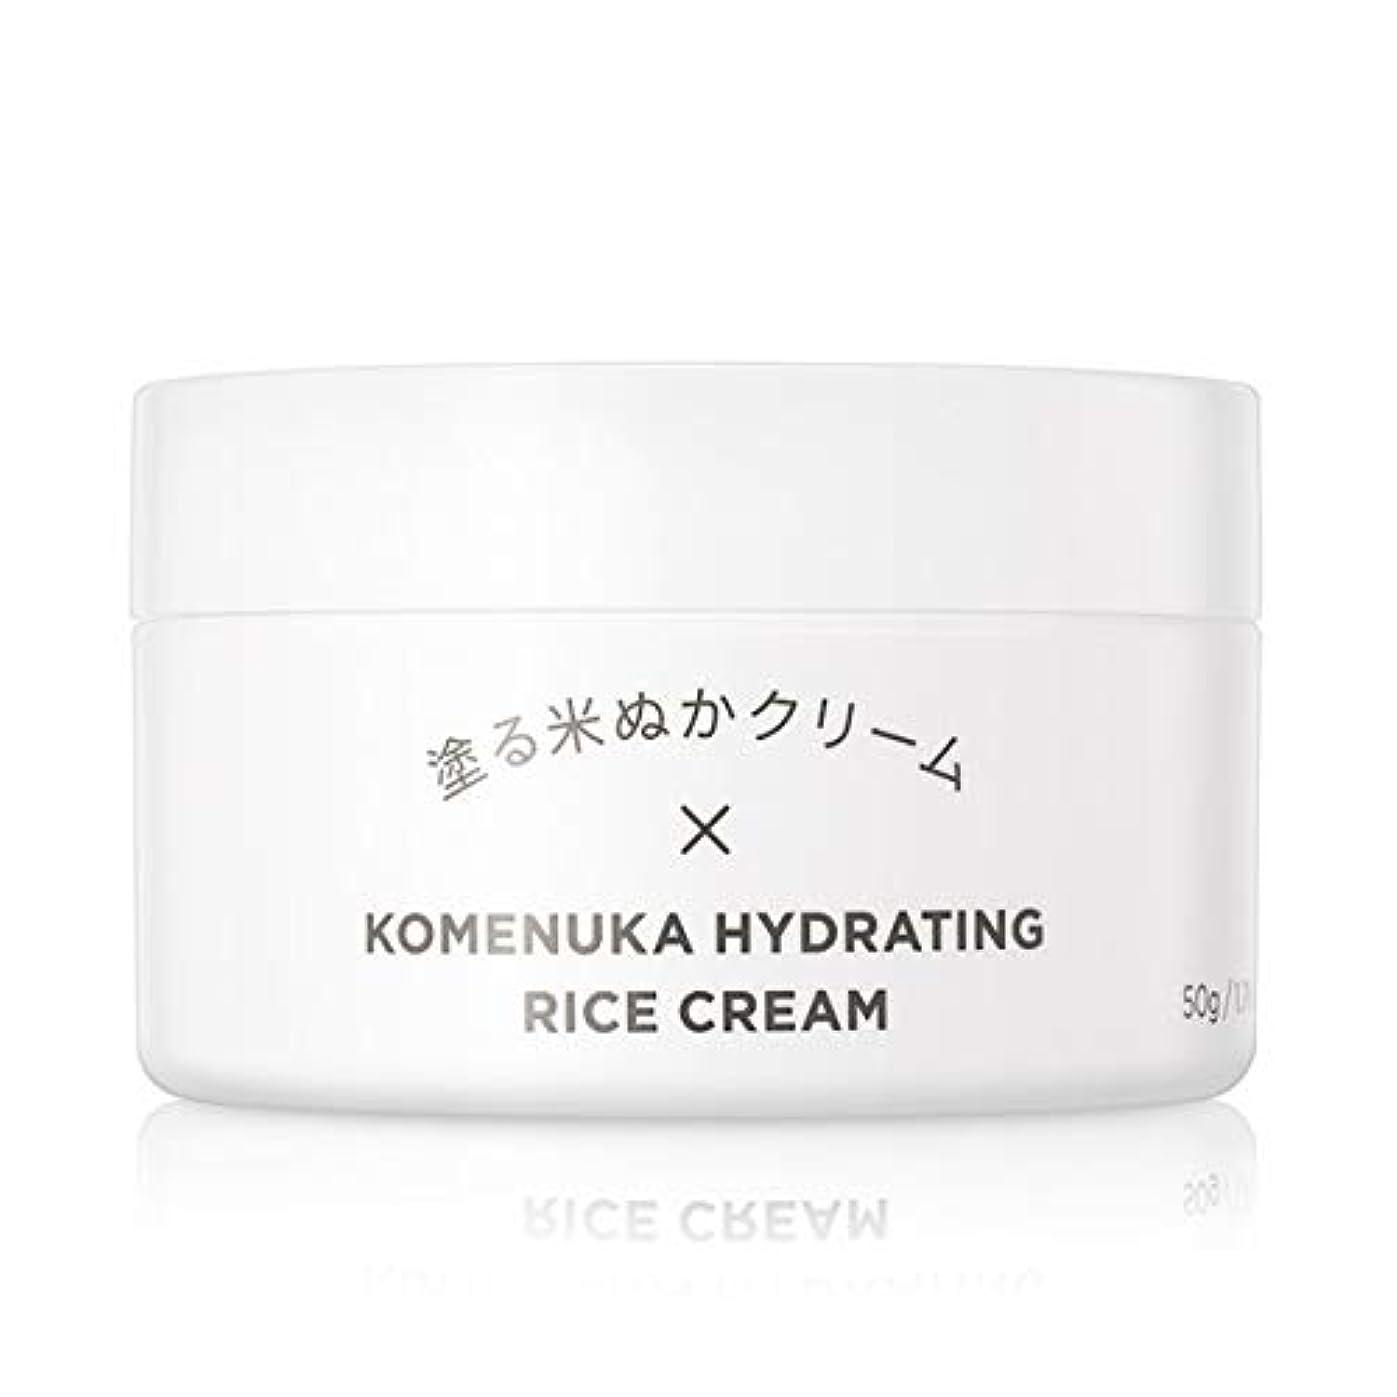 造船承認不可能な米一途 塗る米ぬかクリーム スキンケア 無添加 クリーム 50g